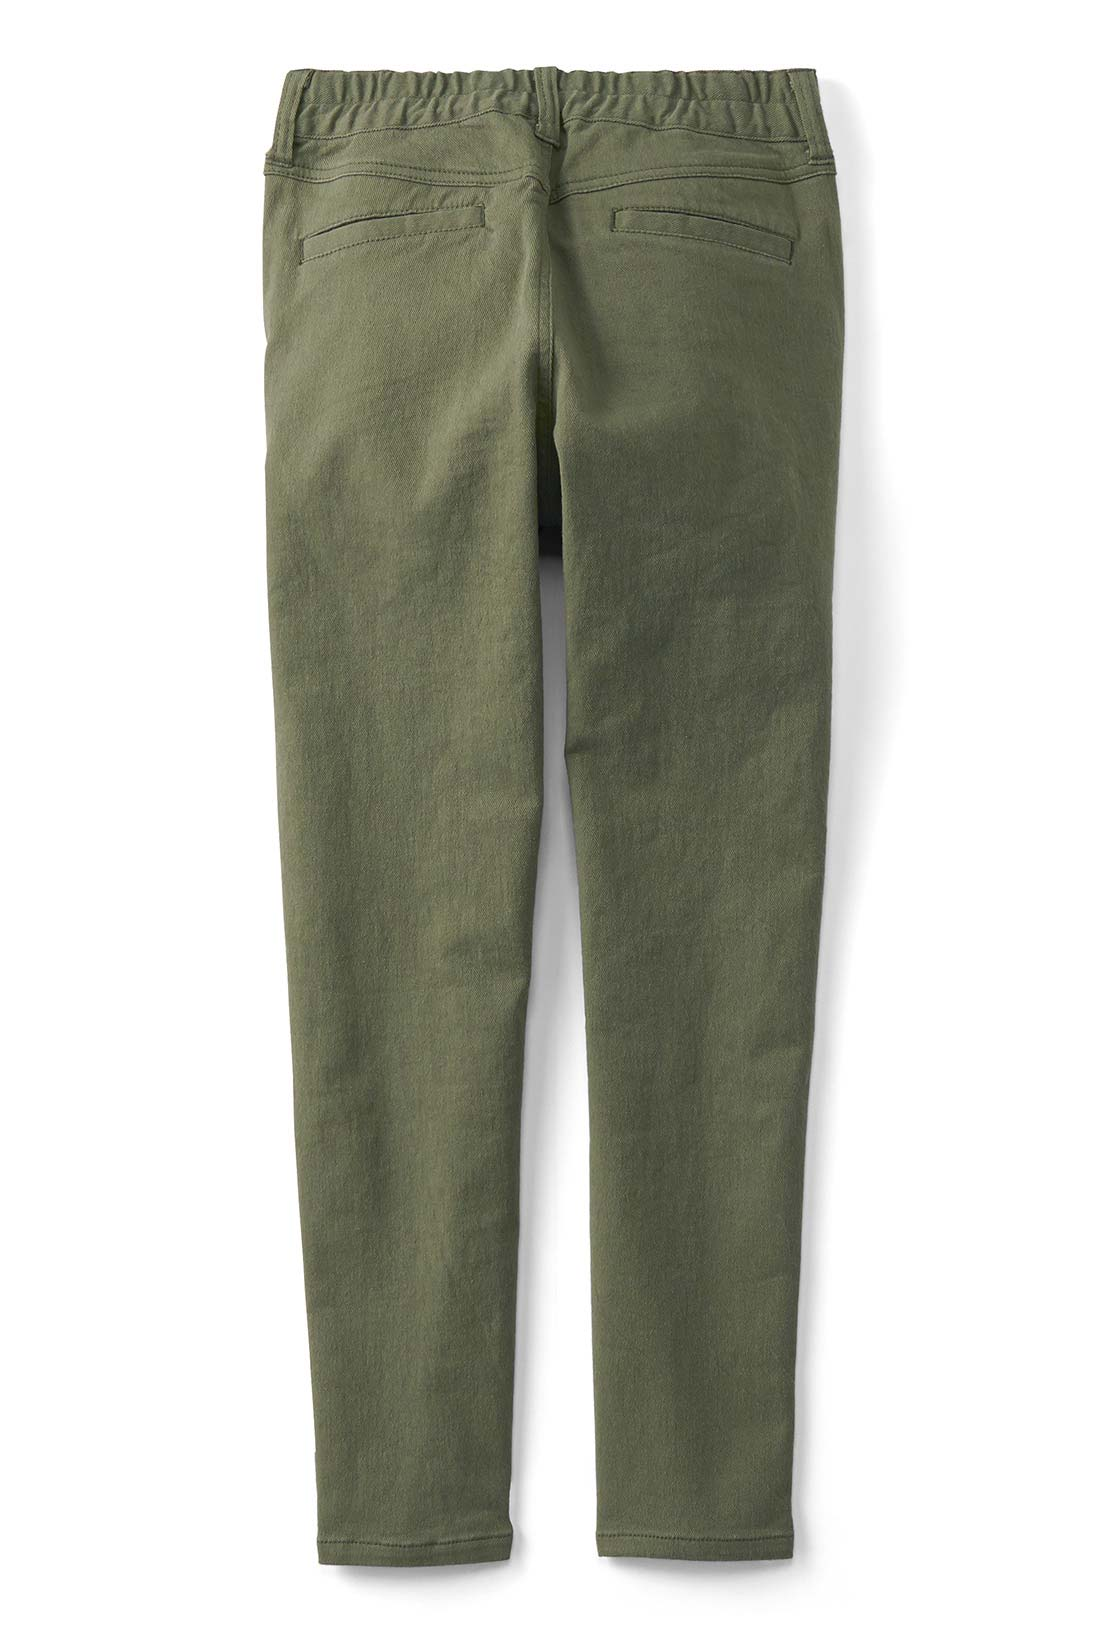 <BACK>後ろヨークの切り替え&玉縁ポケットで美尻効果はバツグン! ※お届けするカラーとは異なります。